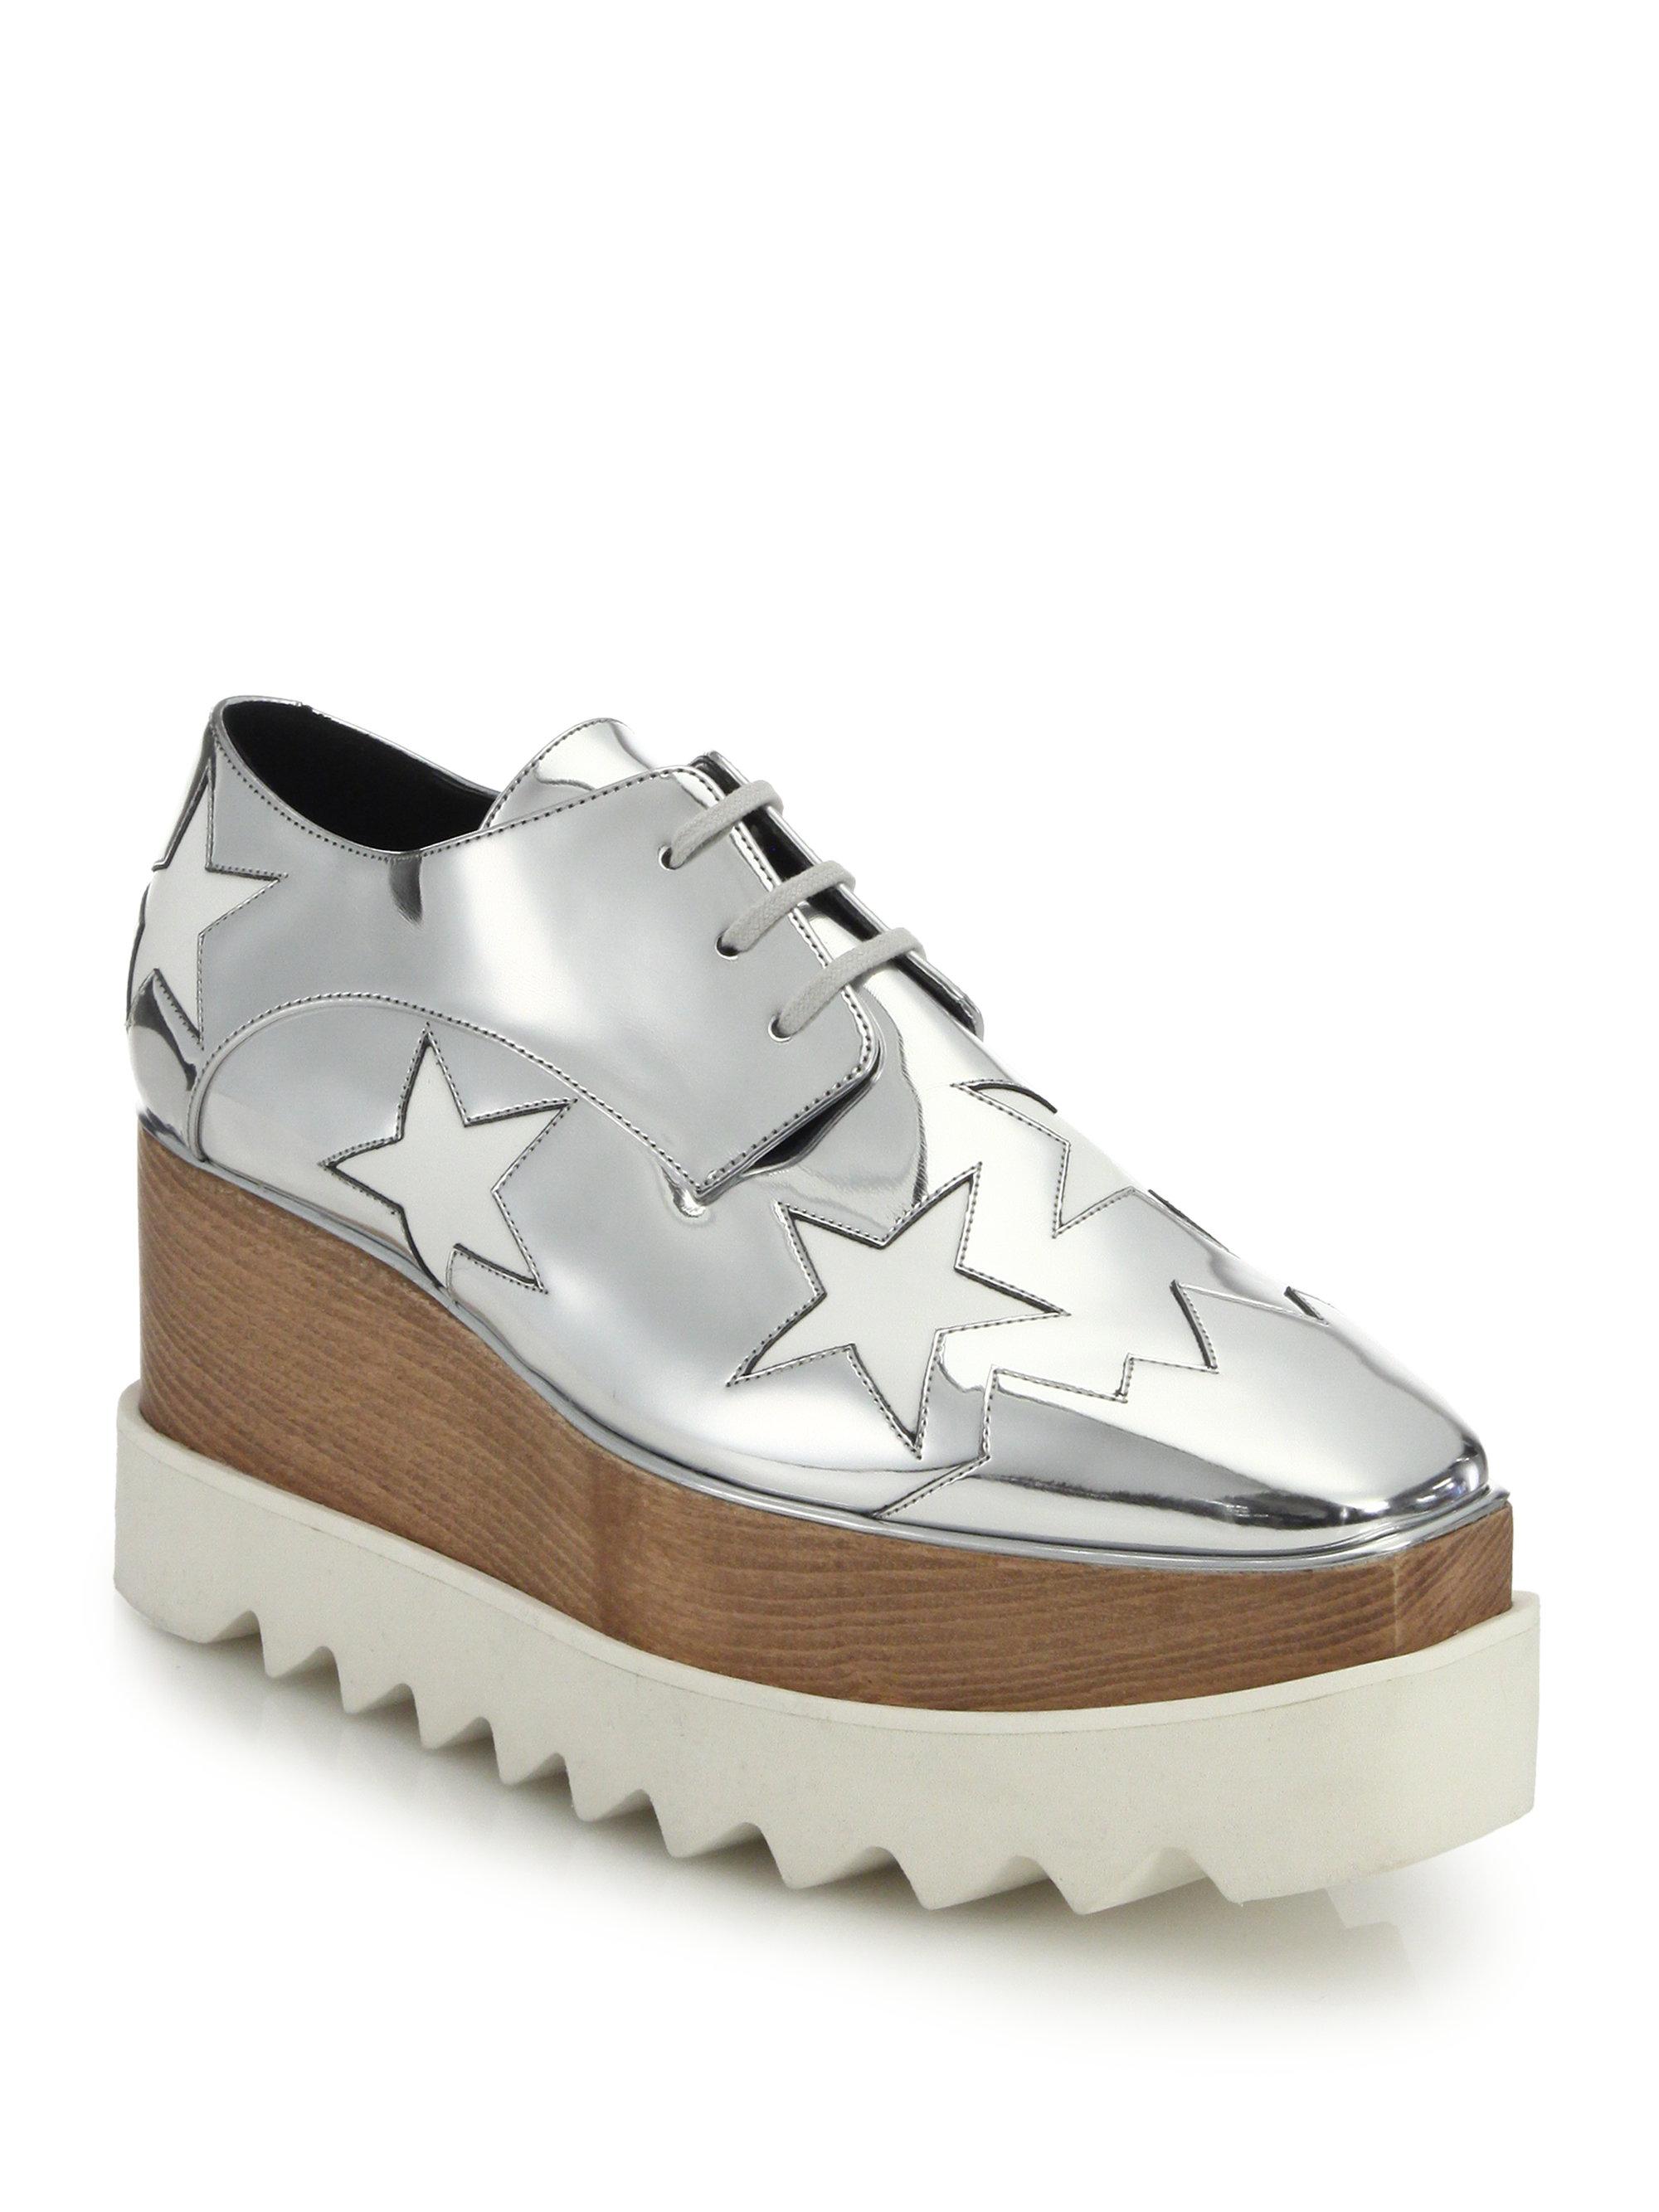 Stella McCartney Metallic Platform Oxfords cheap online store fashion Style cheap online discounts e9PeYMird